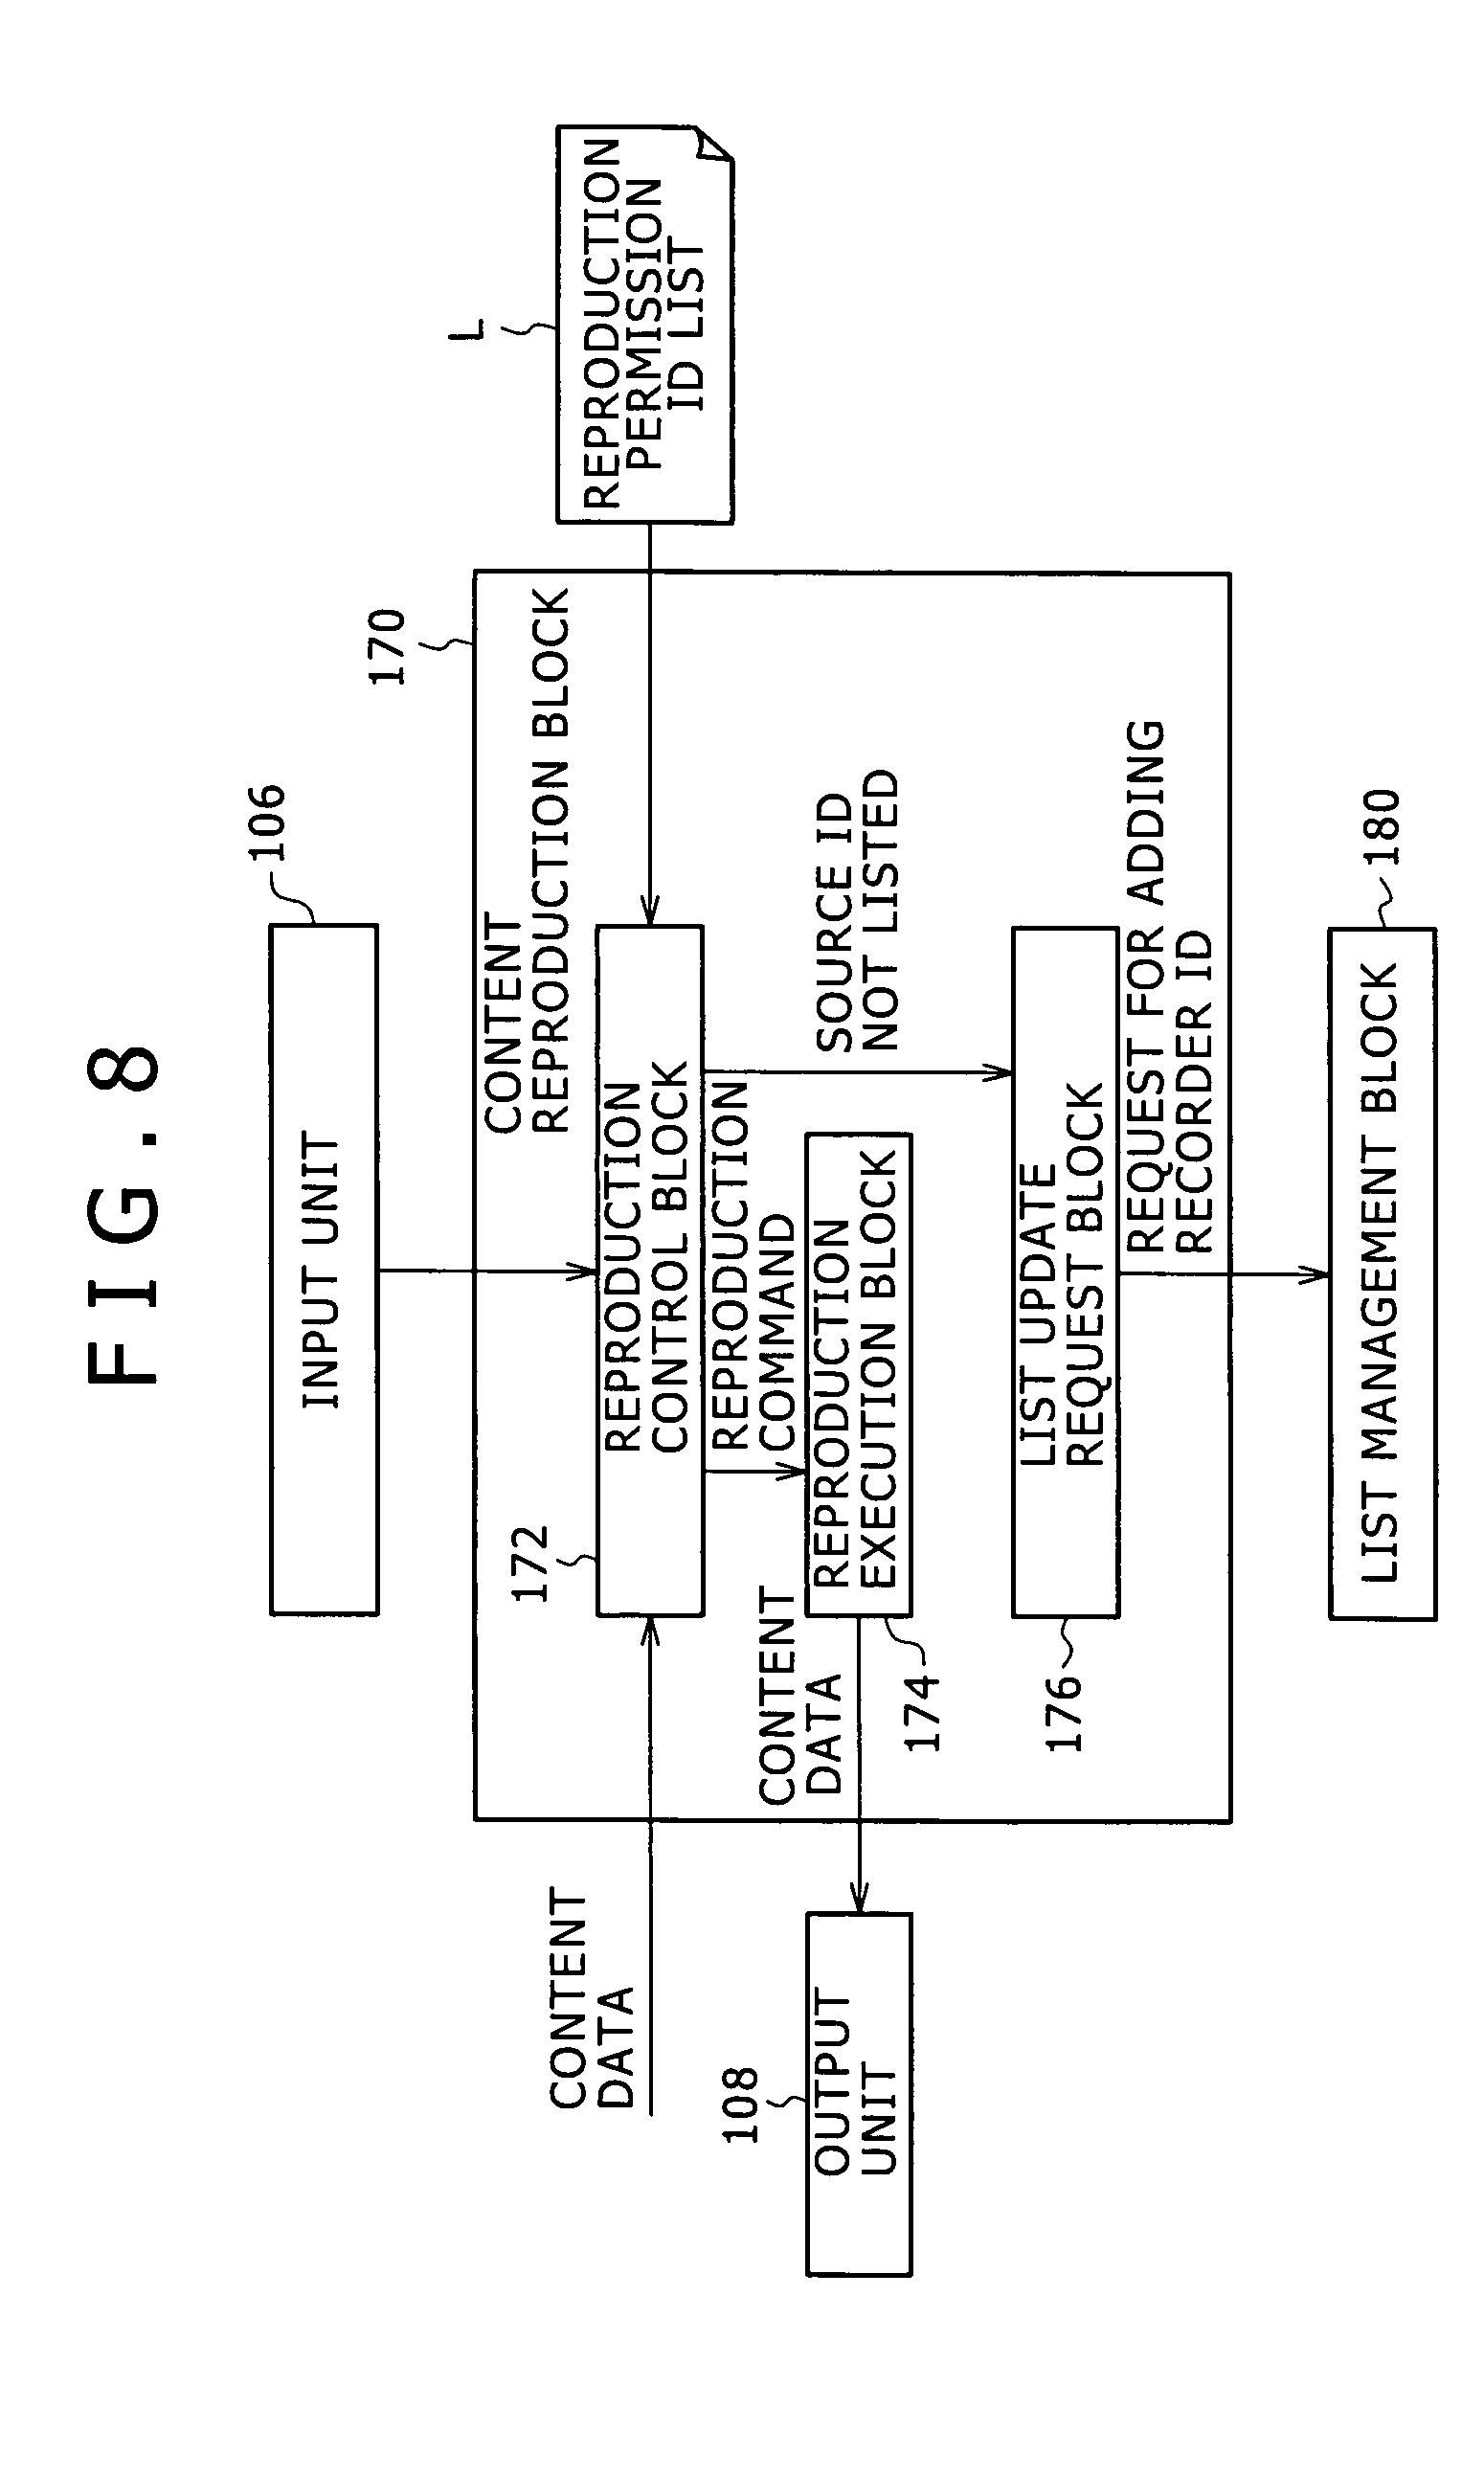 Block Diagram Of 7106 - G2 wiring diagram4.ptm.institut-triskell-de-diamant.fr